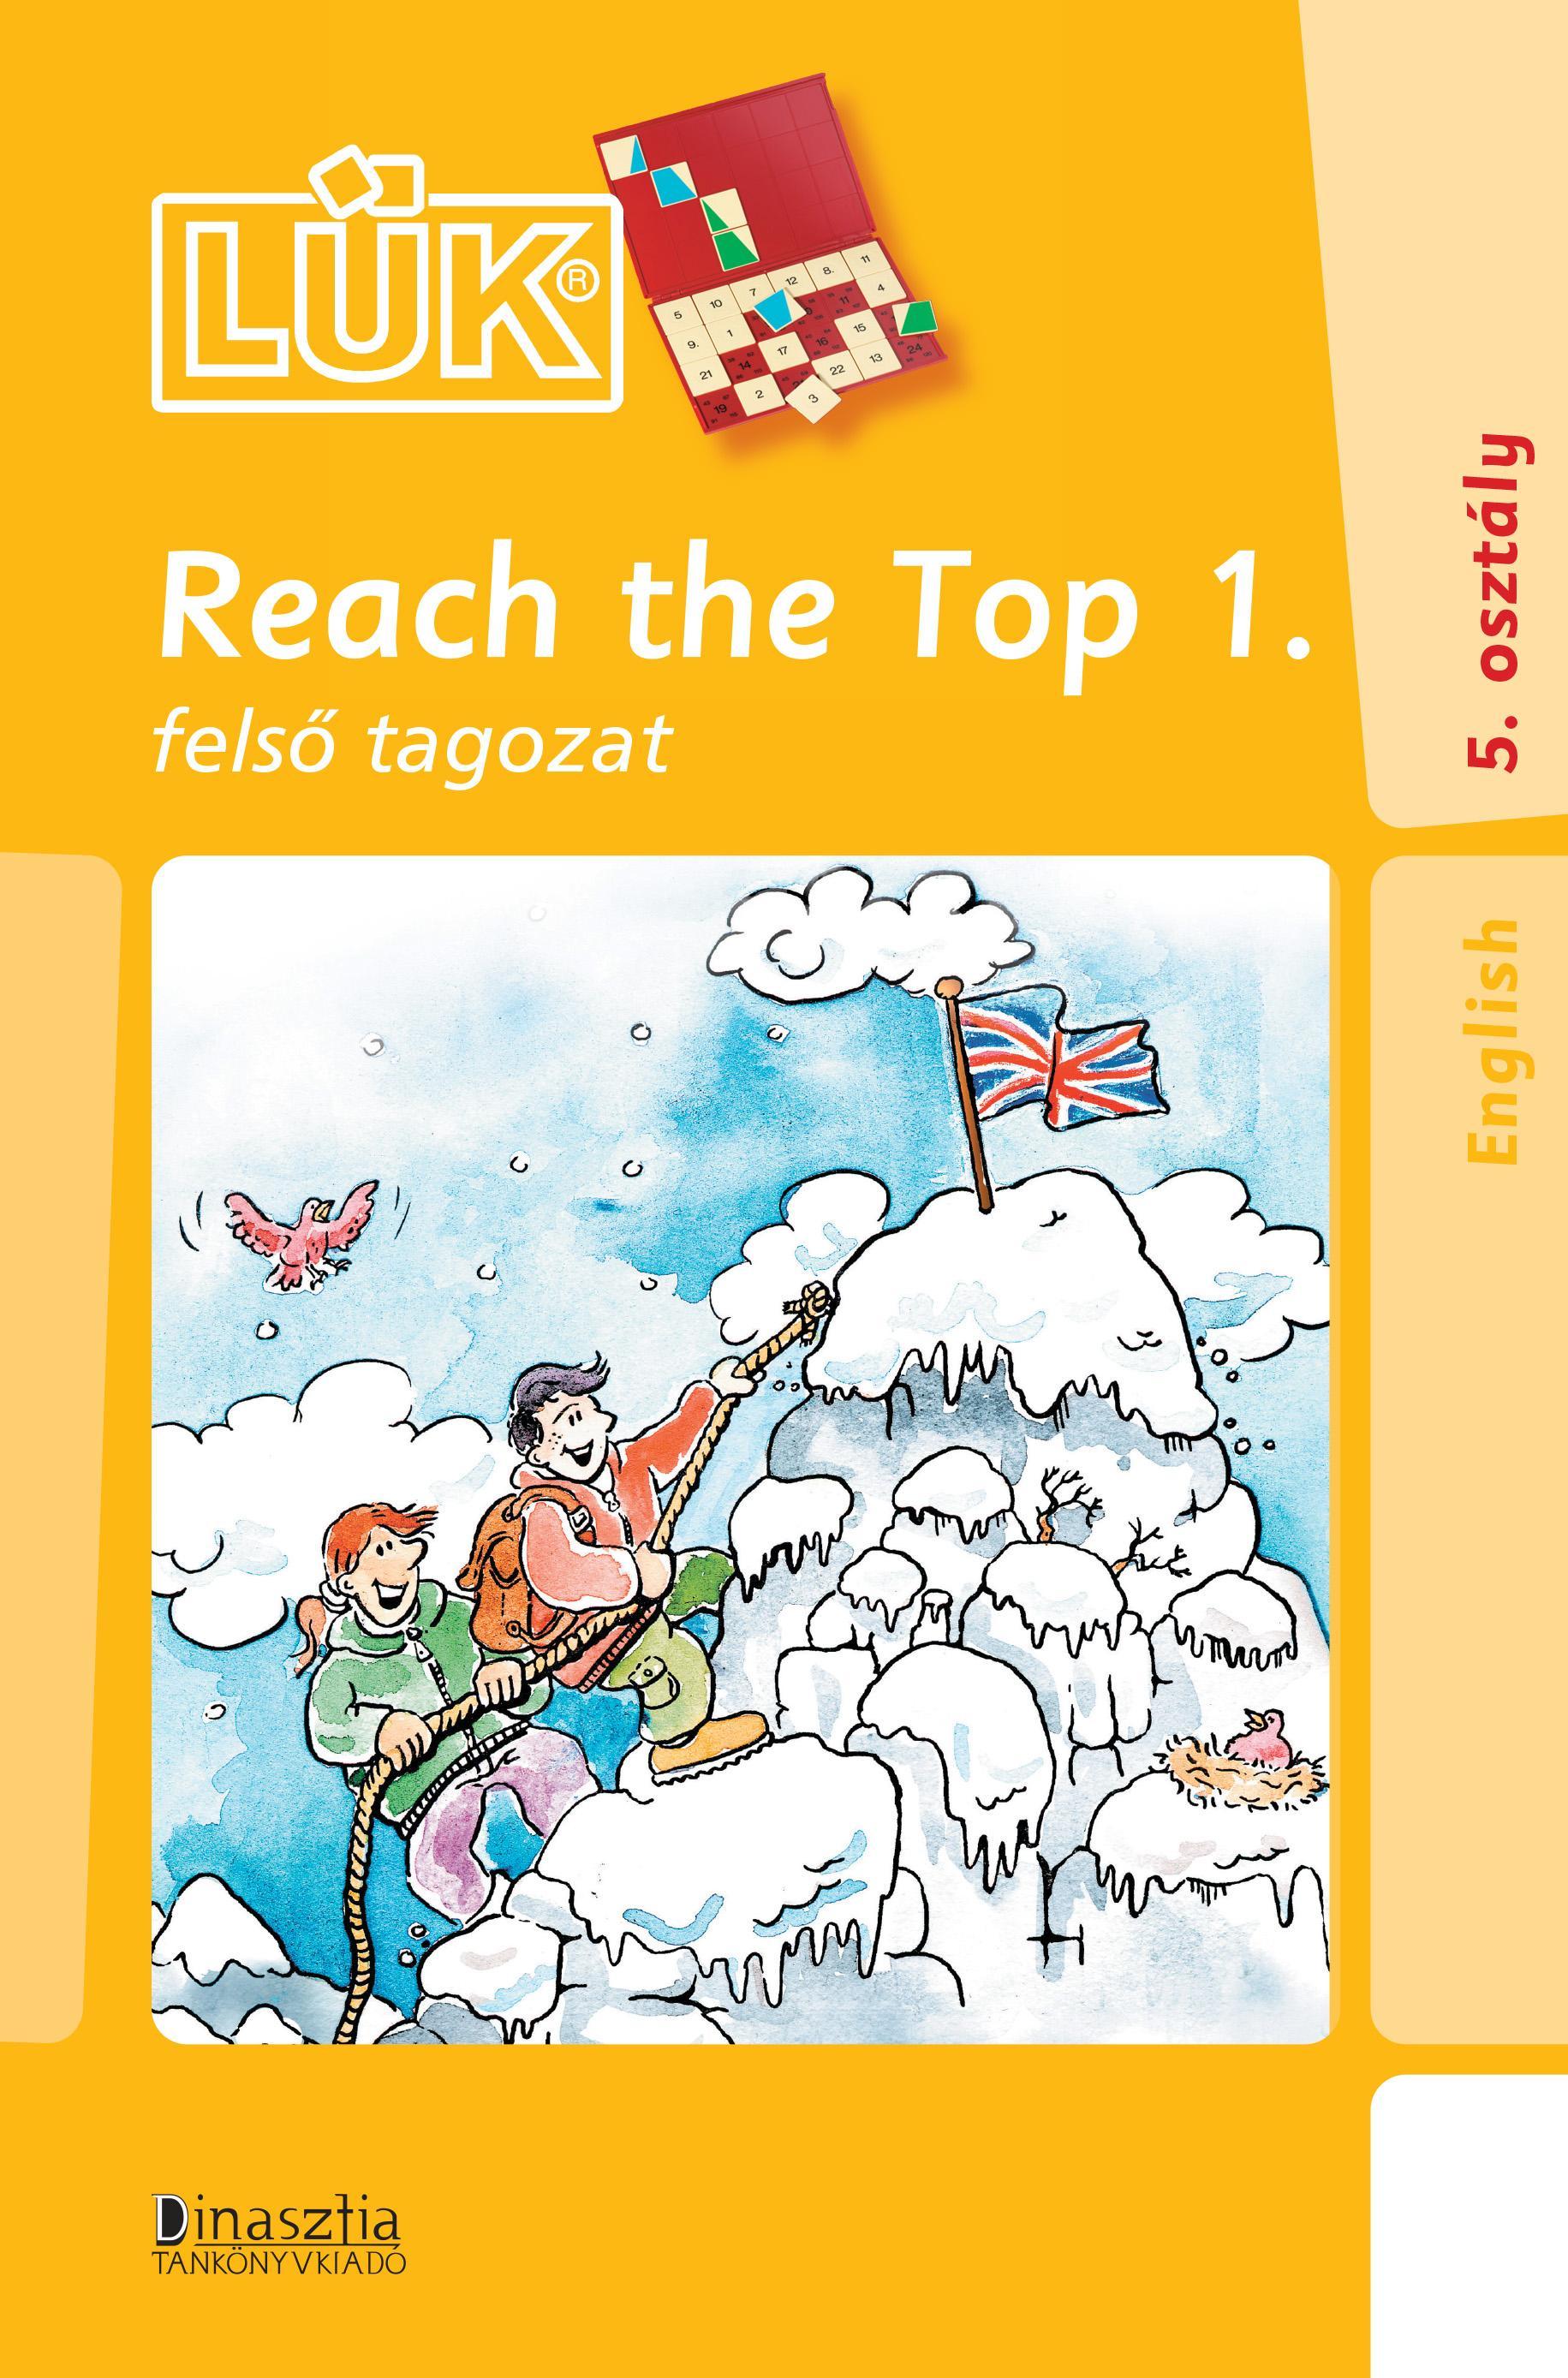 REACH THE TOP 1. - FELSÕ TAGOZAT